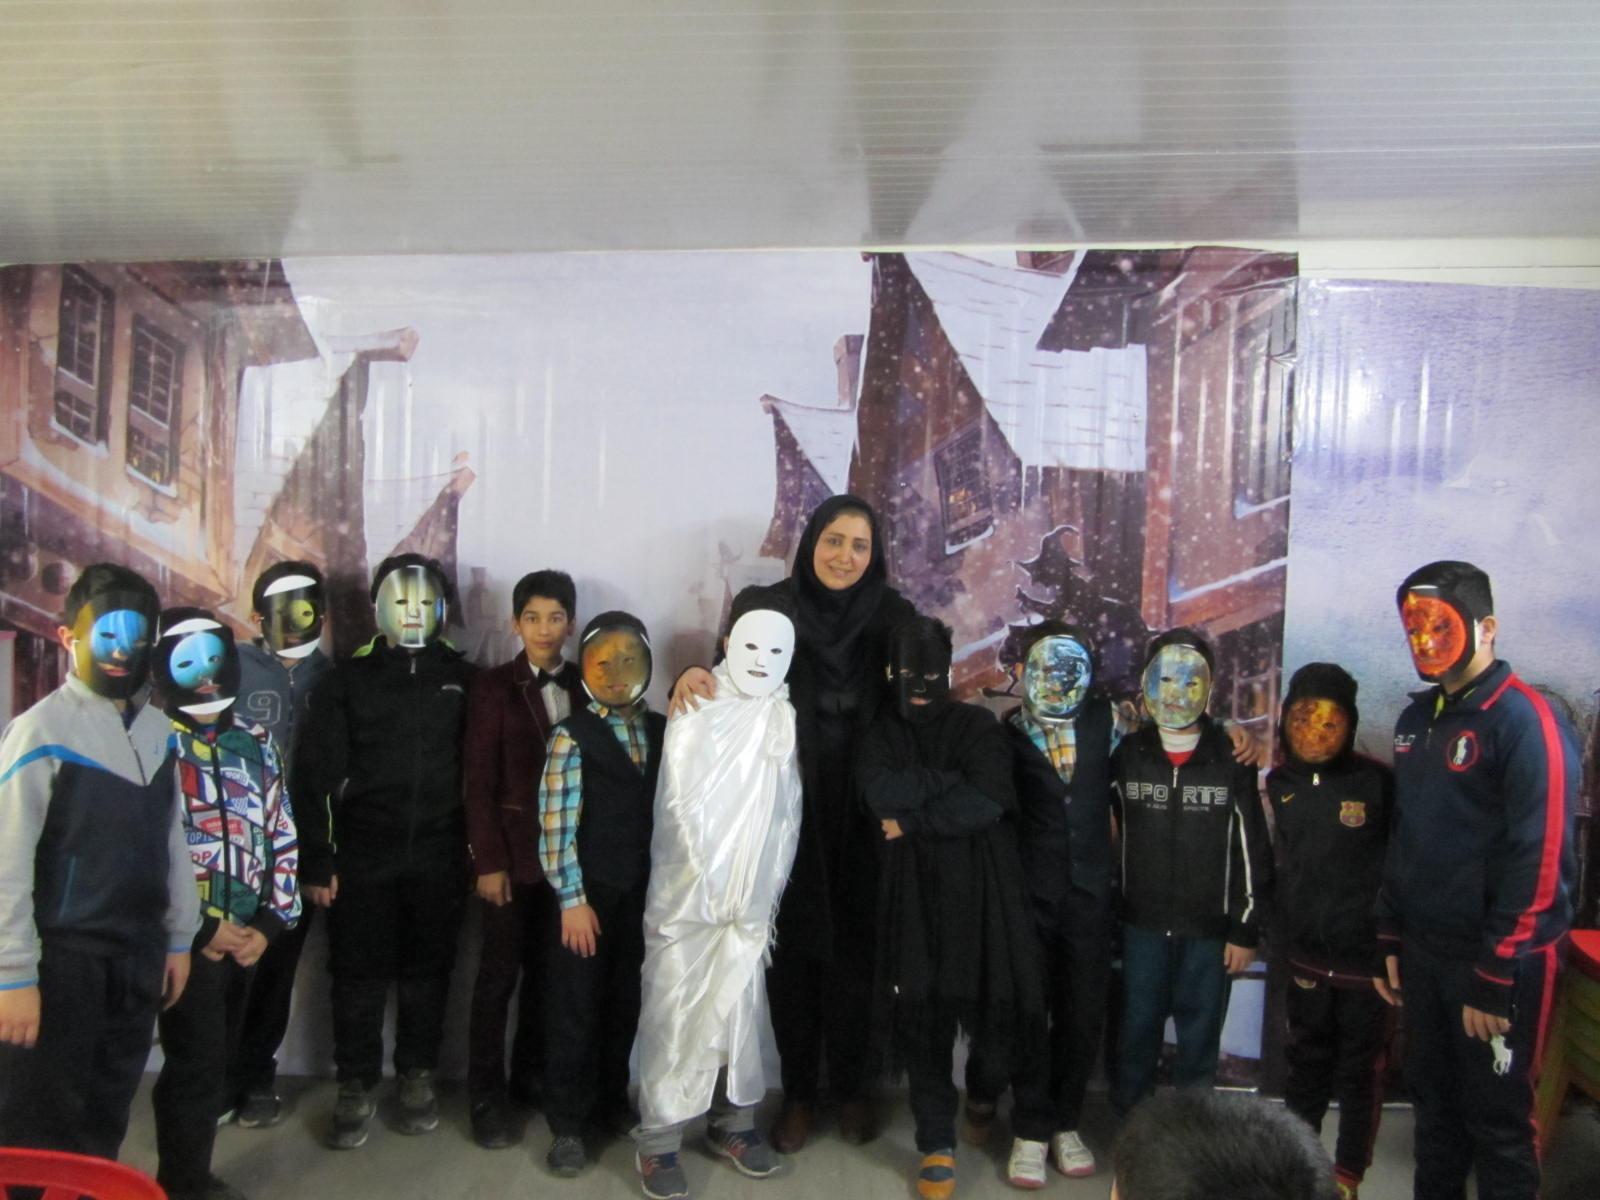 کارگاه قصه گویی در دبستان فروغ دانش برگزار شد.